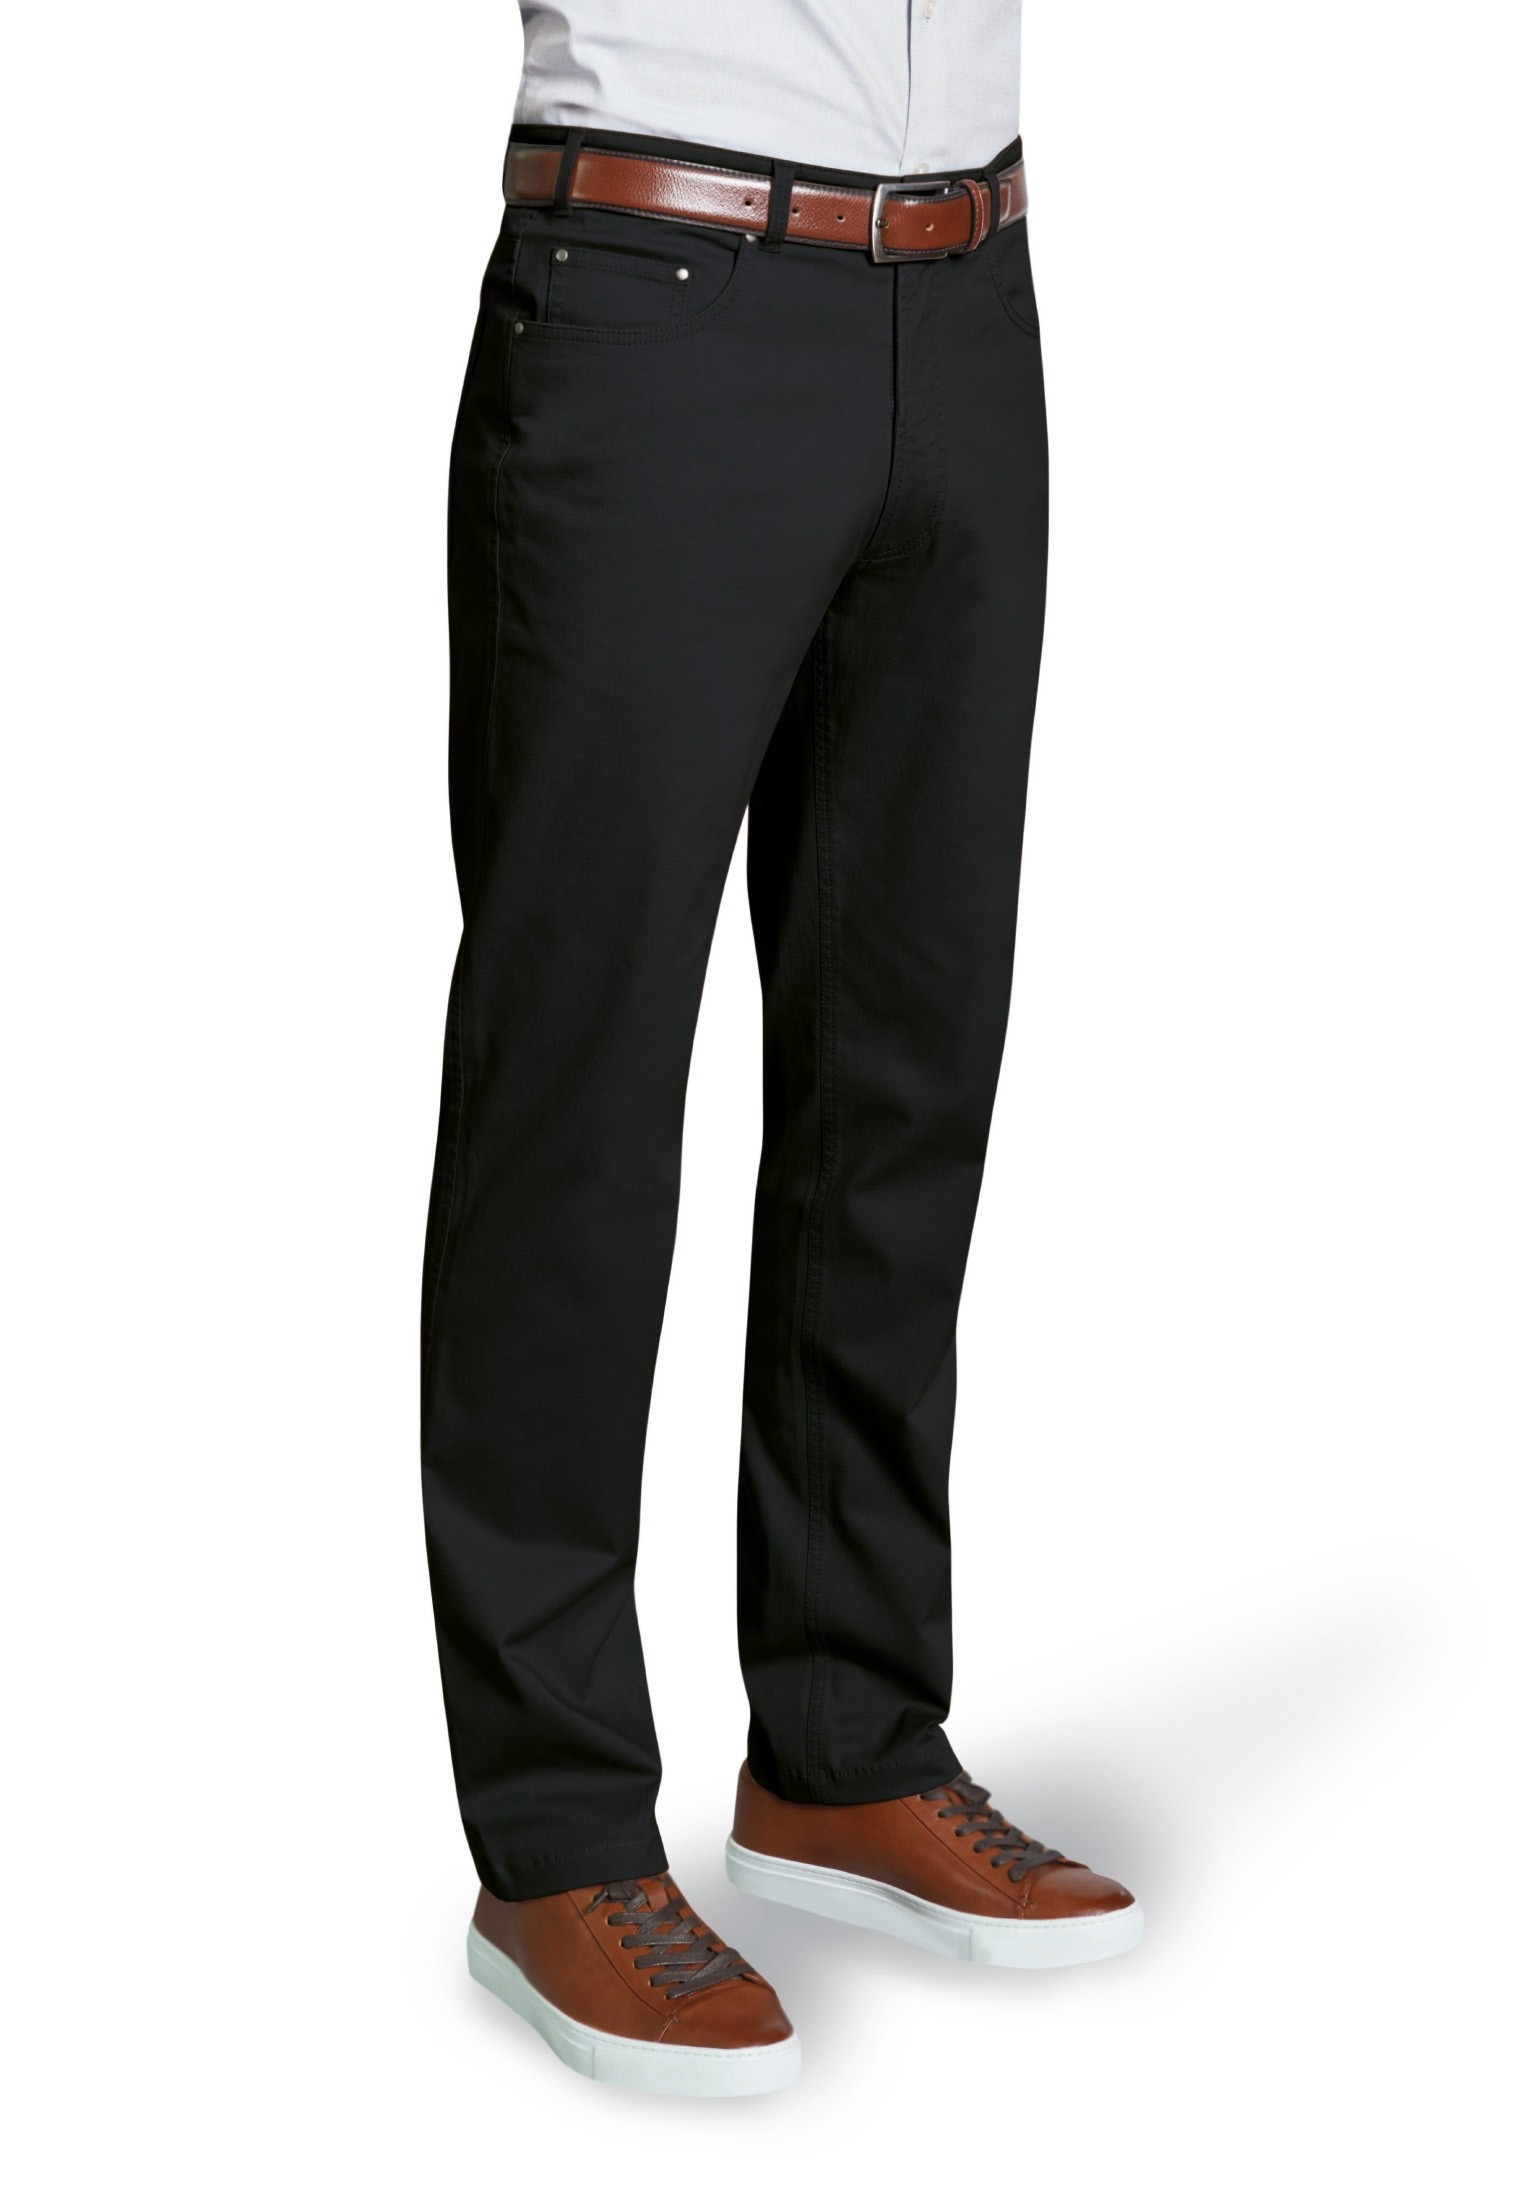 Brunswick 5 Pocket Chino Black